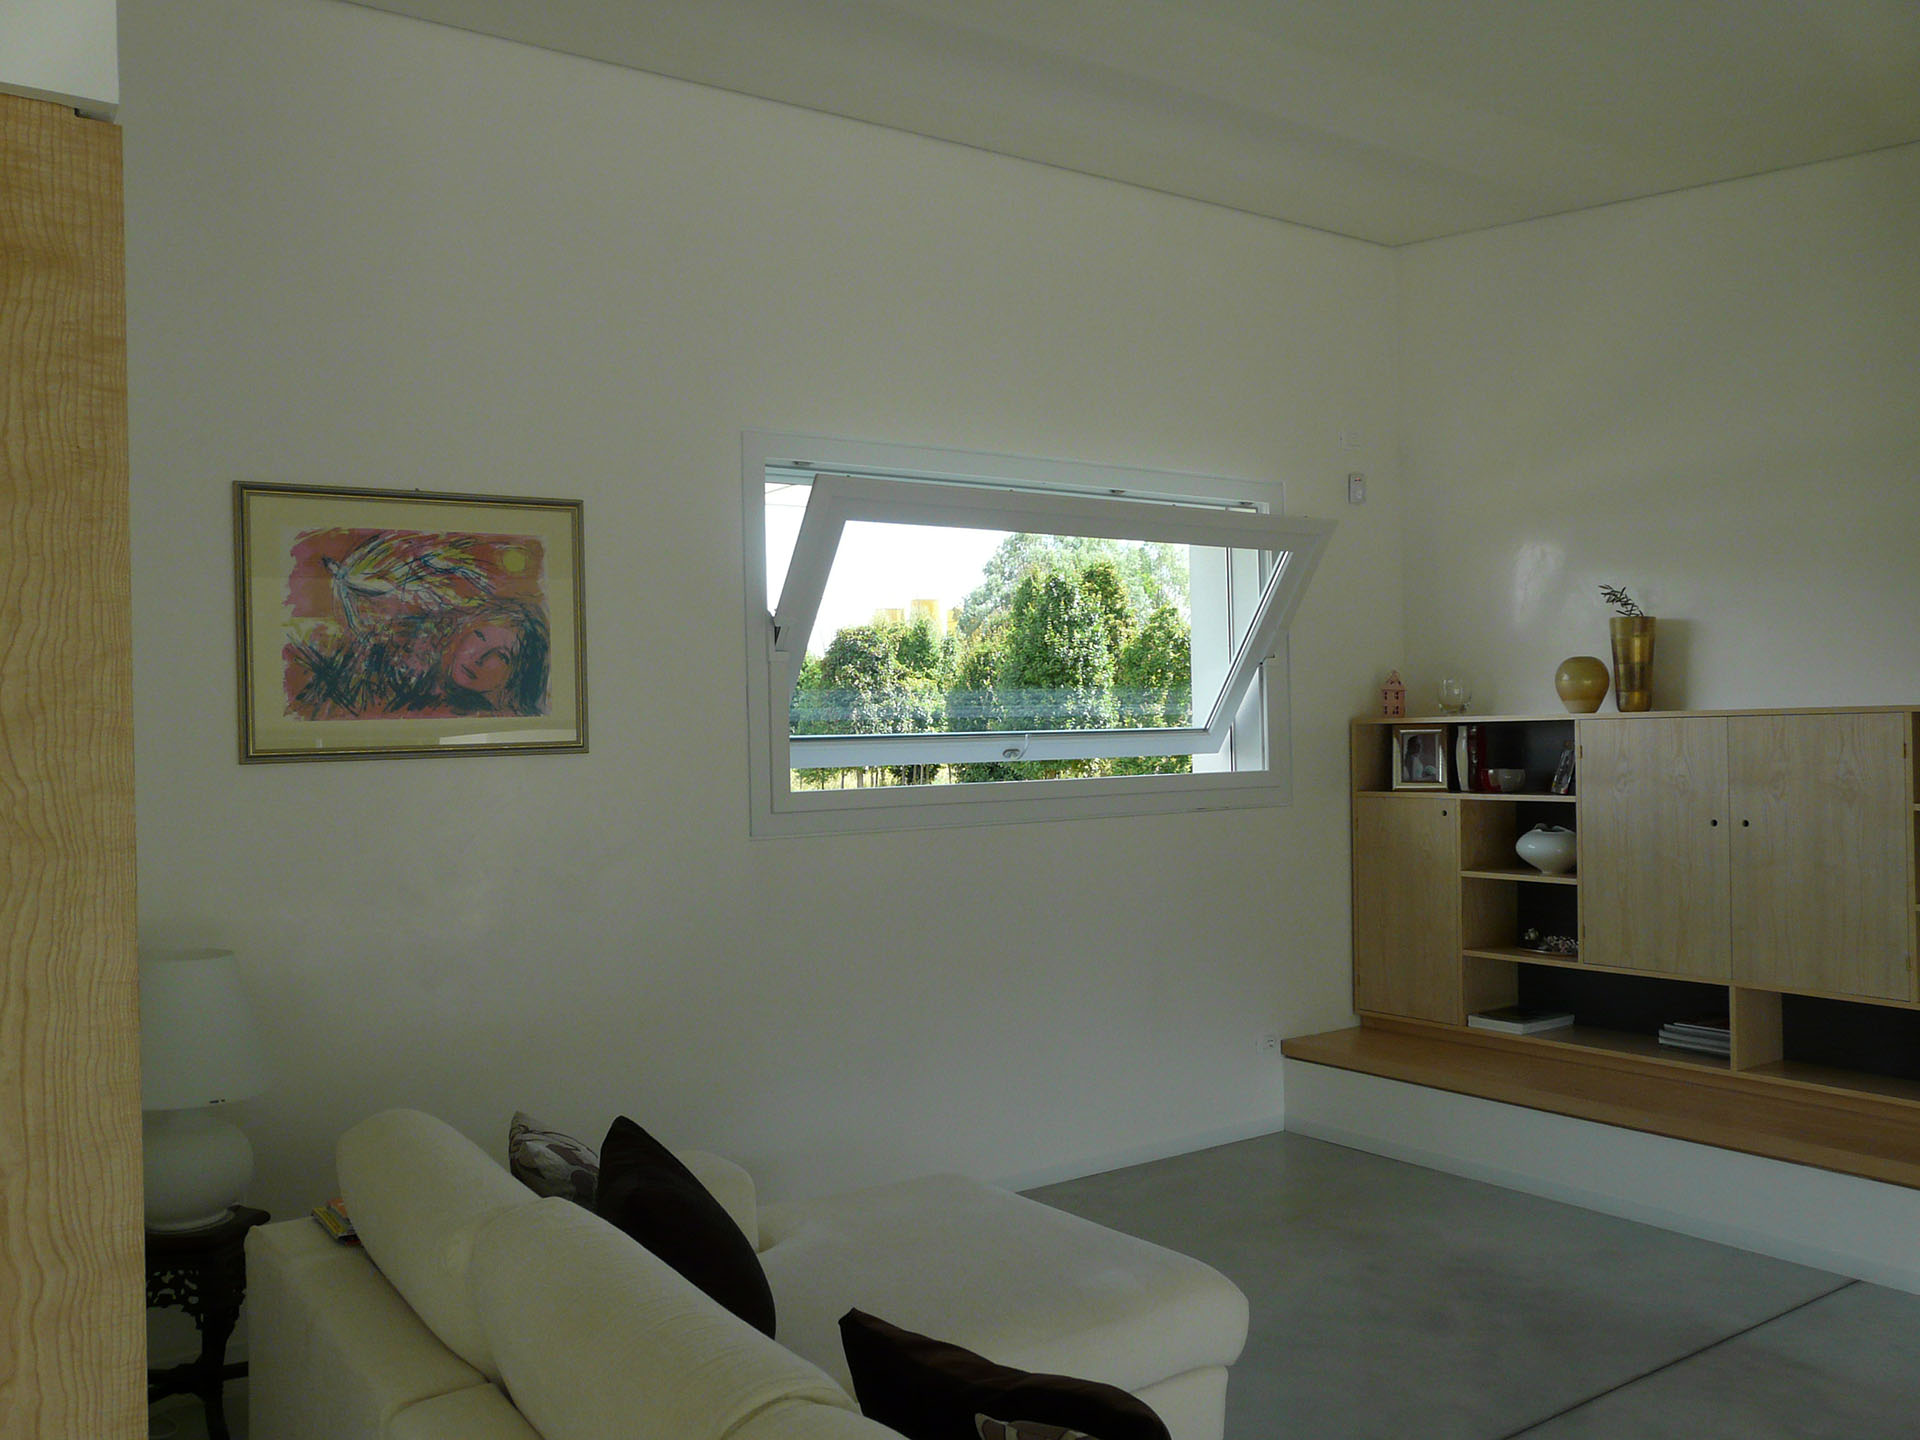 Finestre e porte finestre realizziamo finestre in pvc alluminio e legno - Acm porte e finestre ...